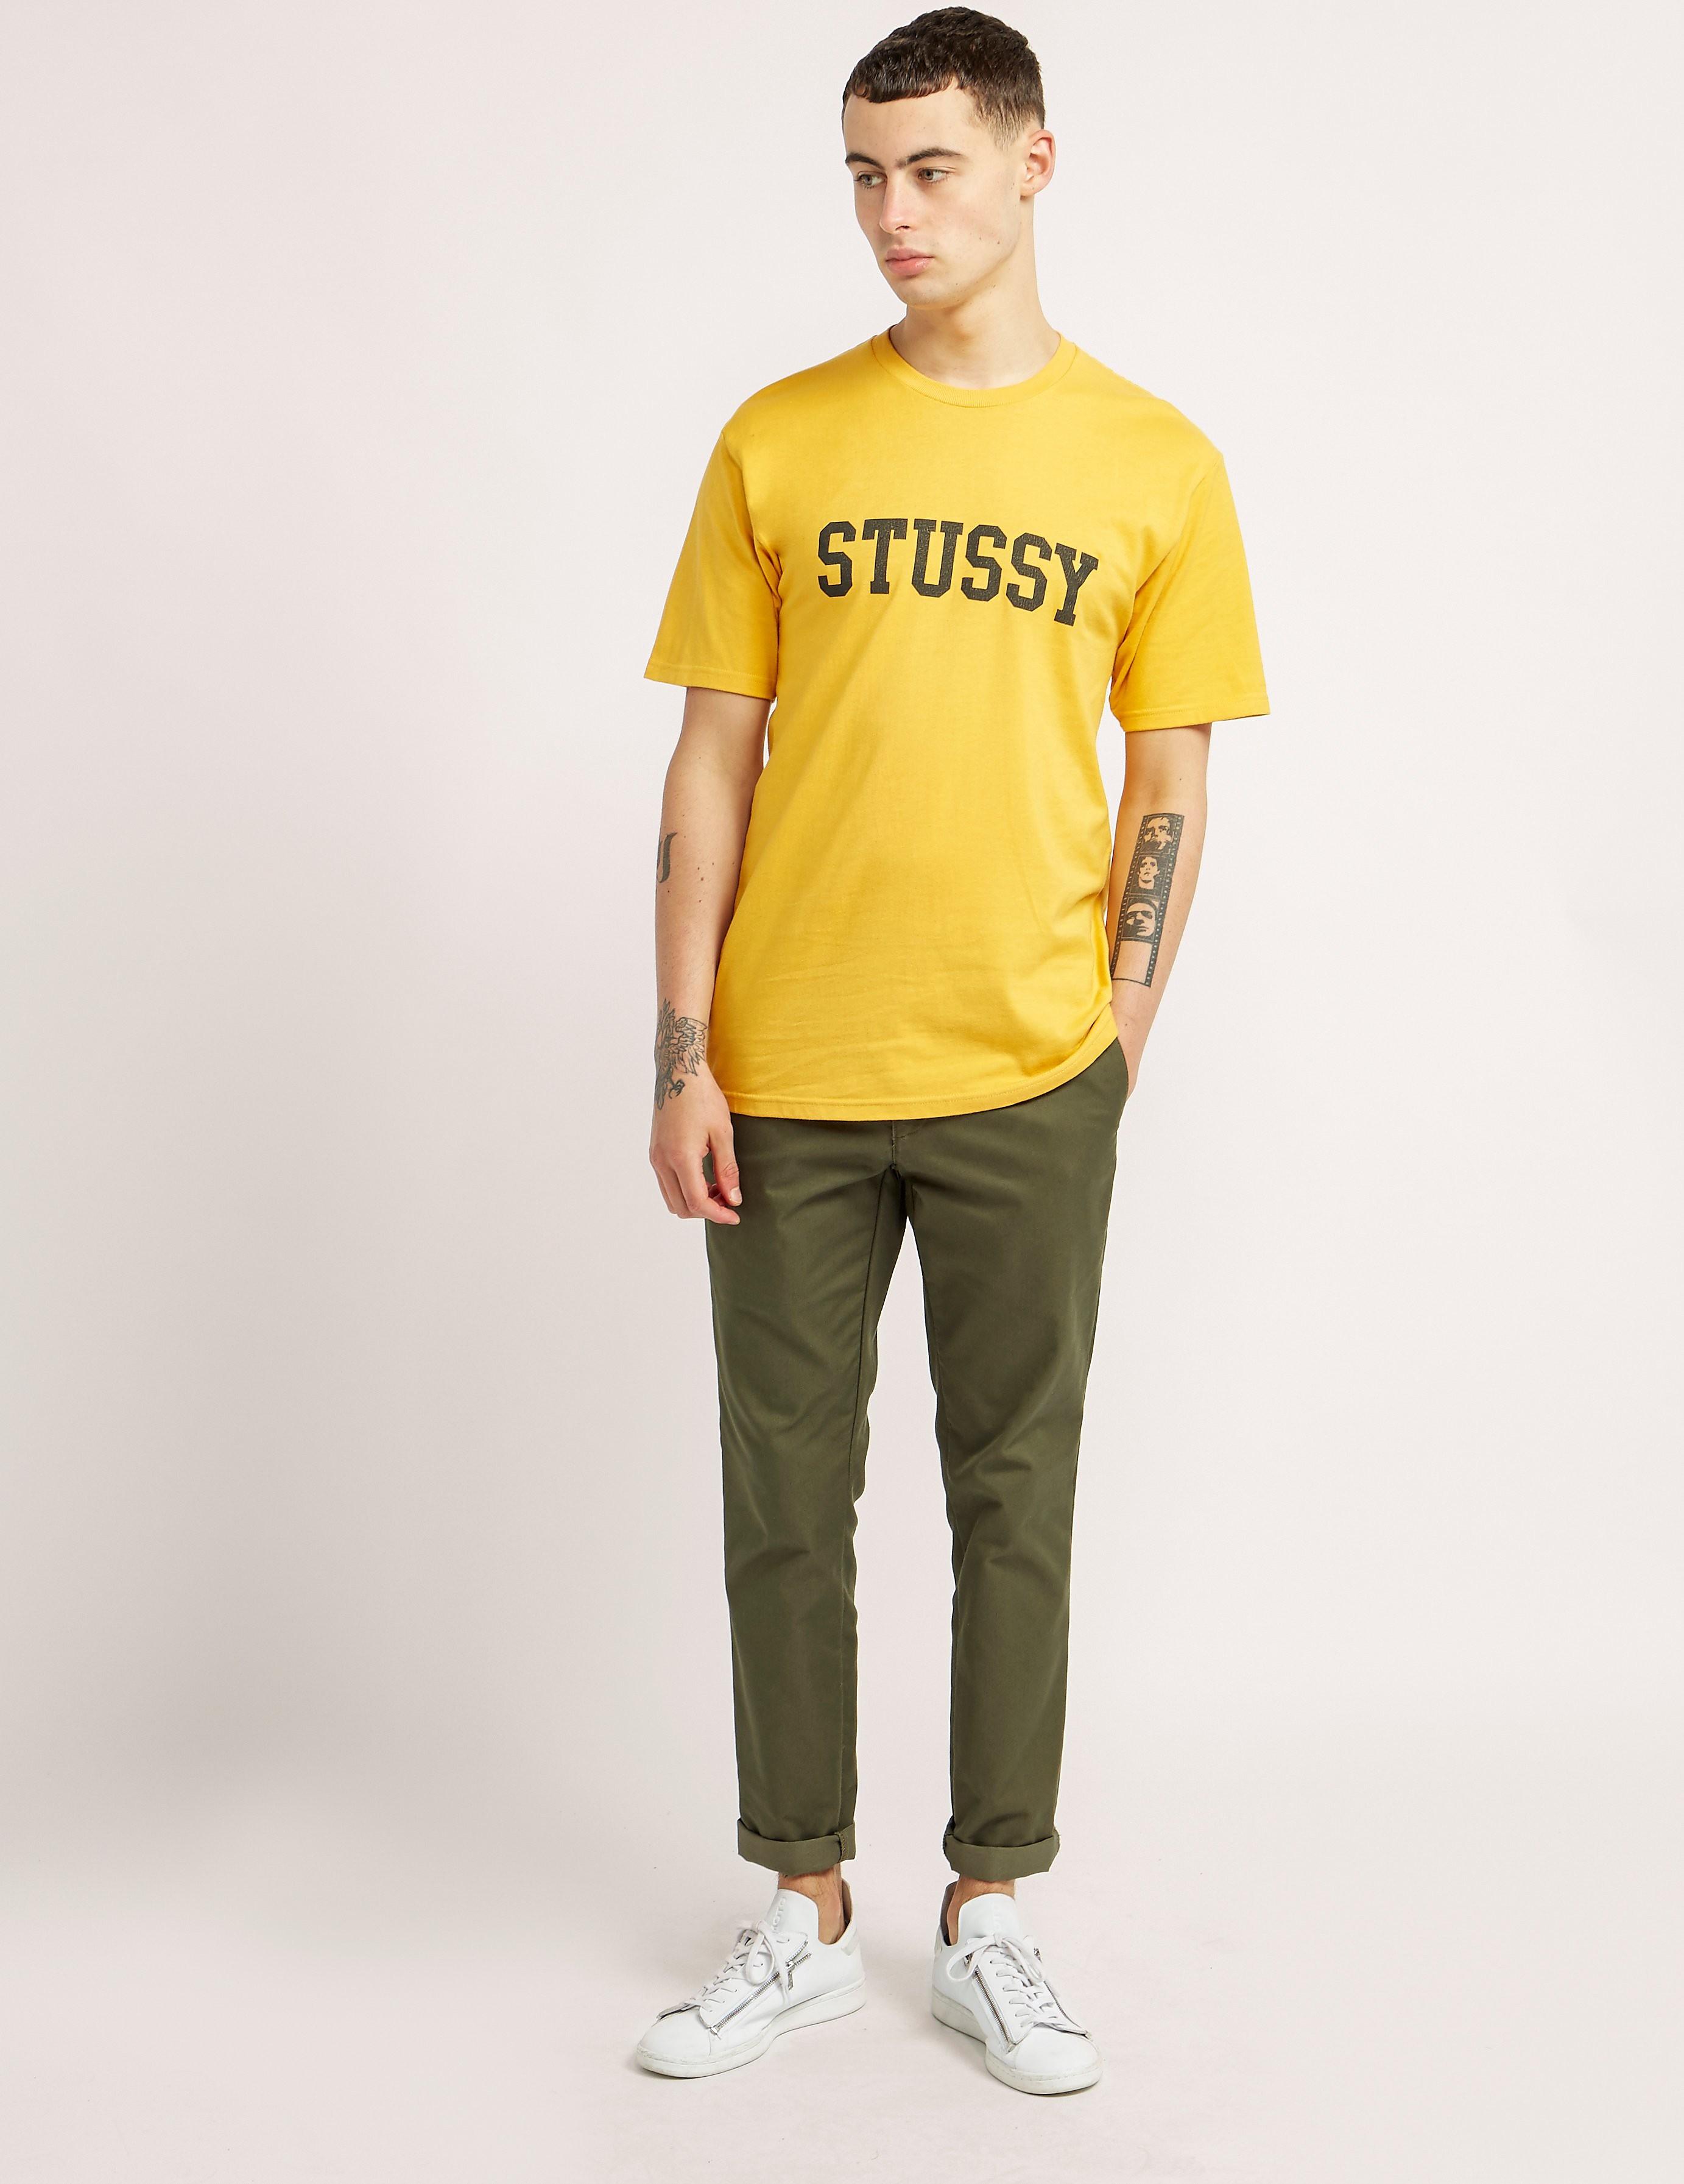 Stussy Cracked T-Shirt